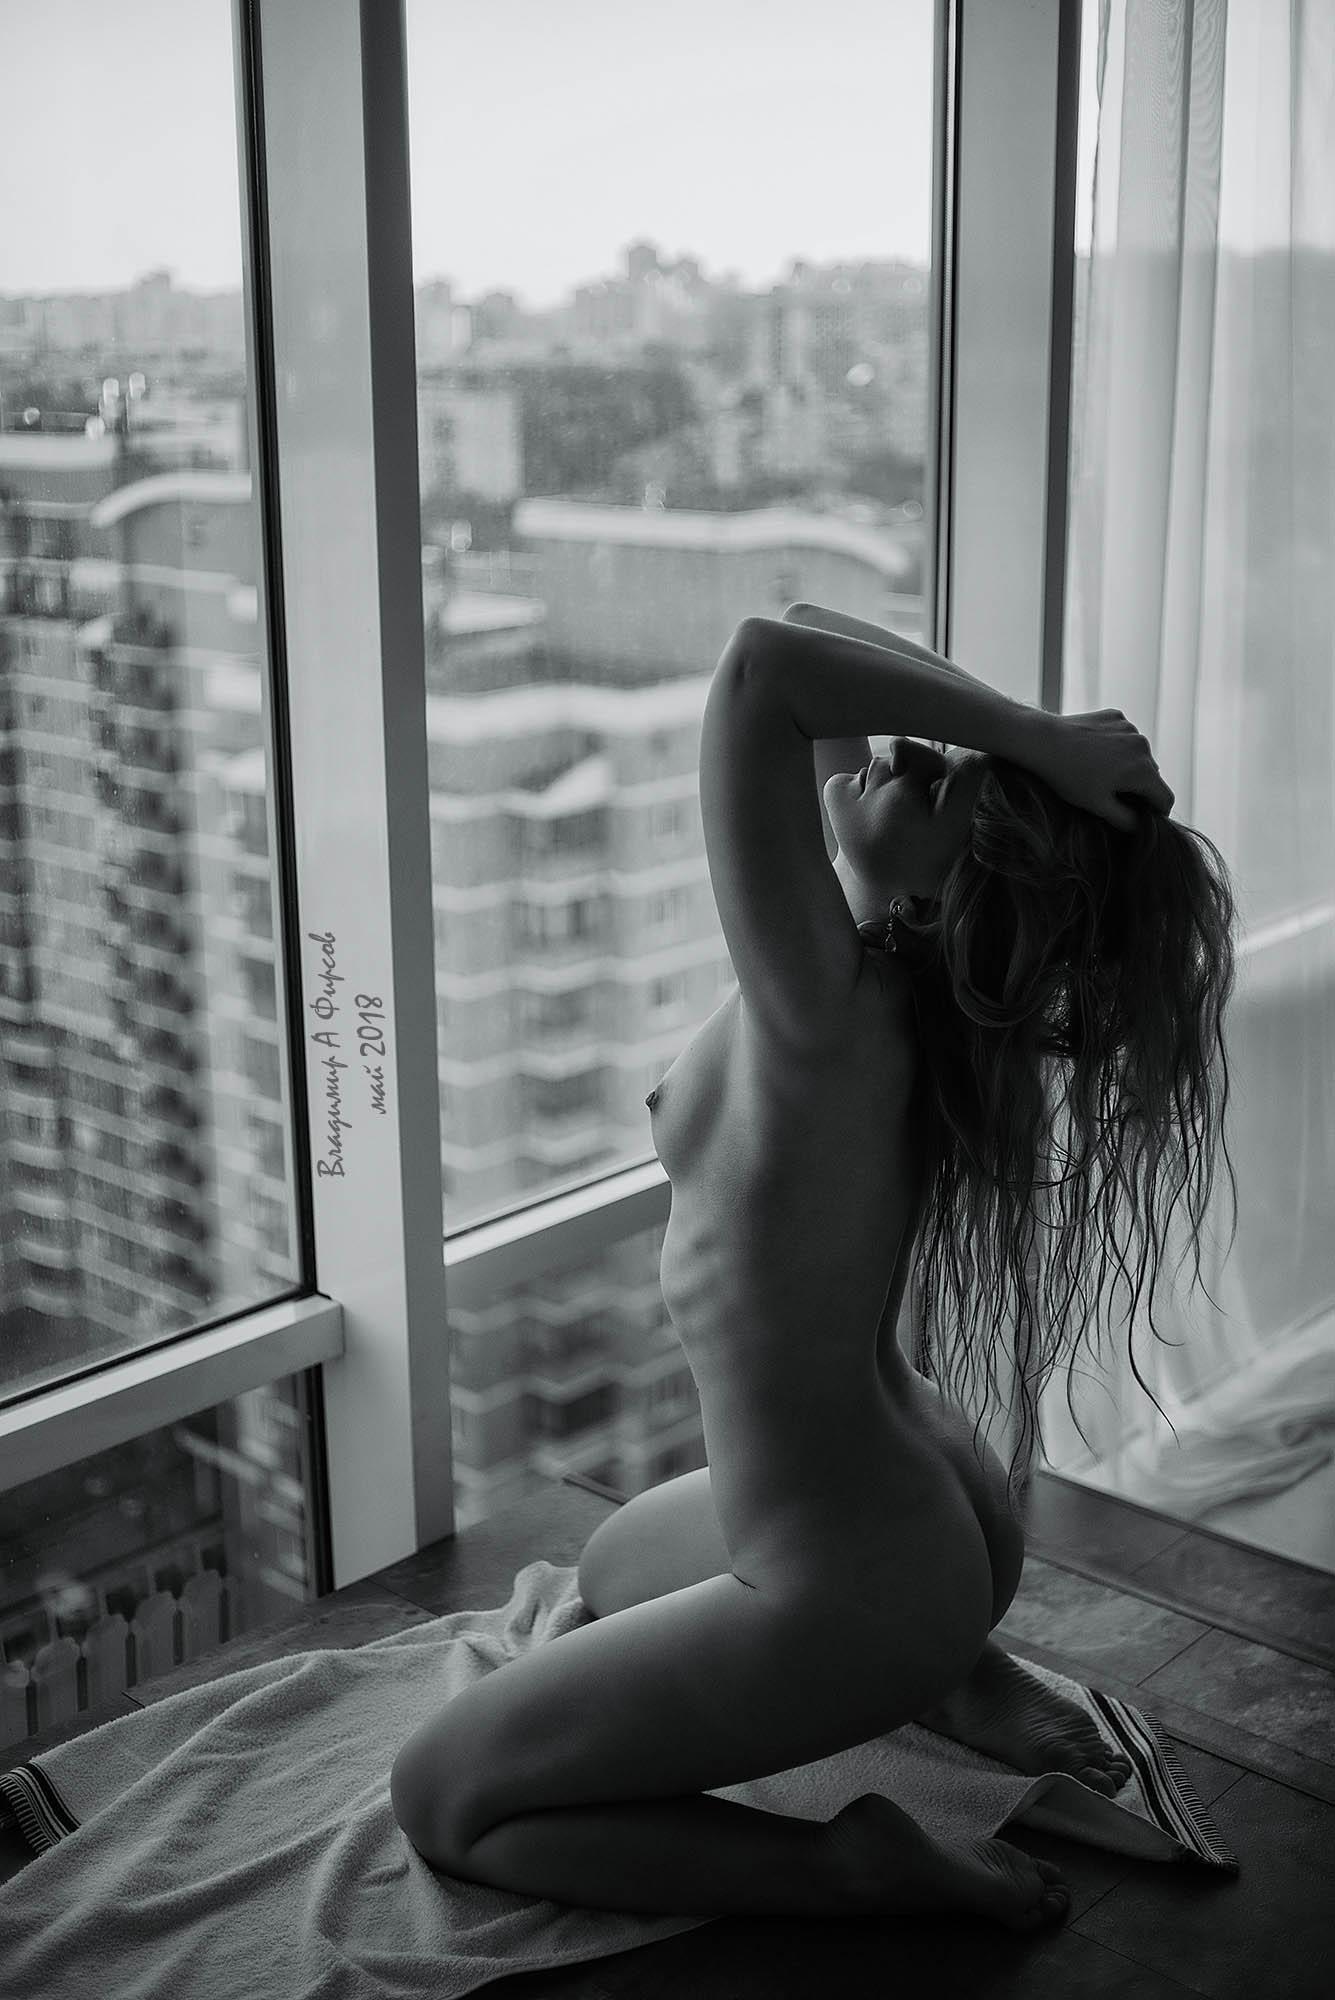 черное, белое, утро, девушка, ню, студия, Владимир Фирсов